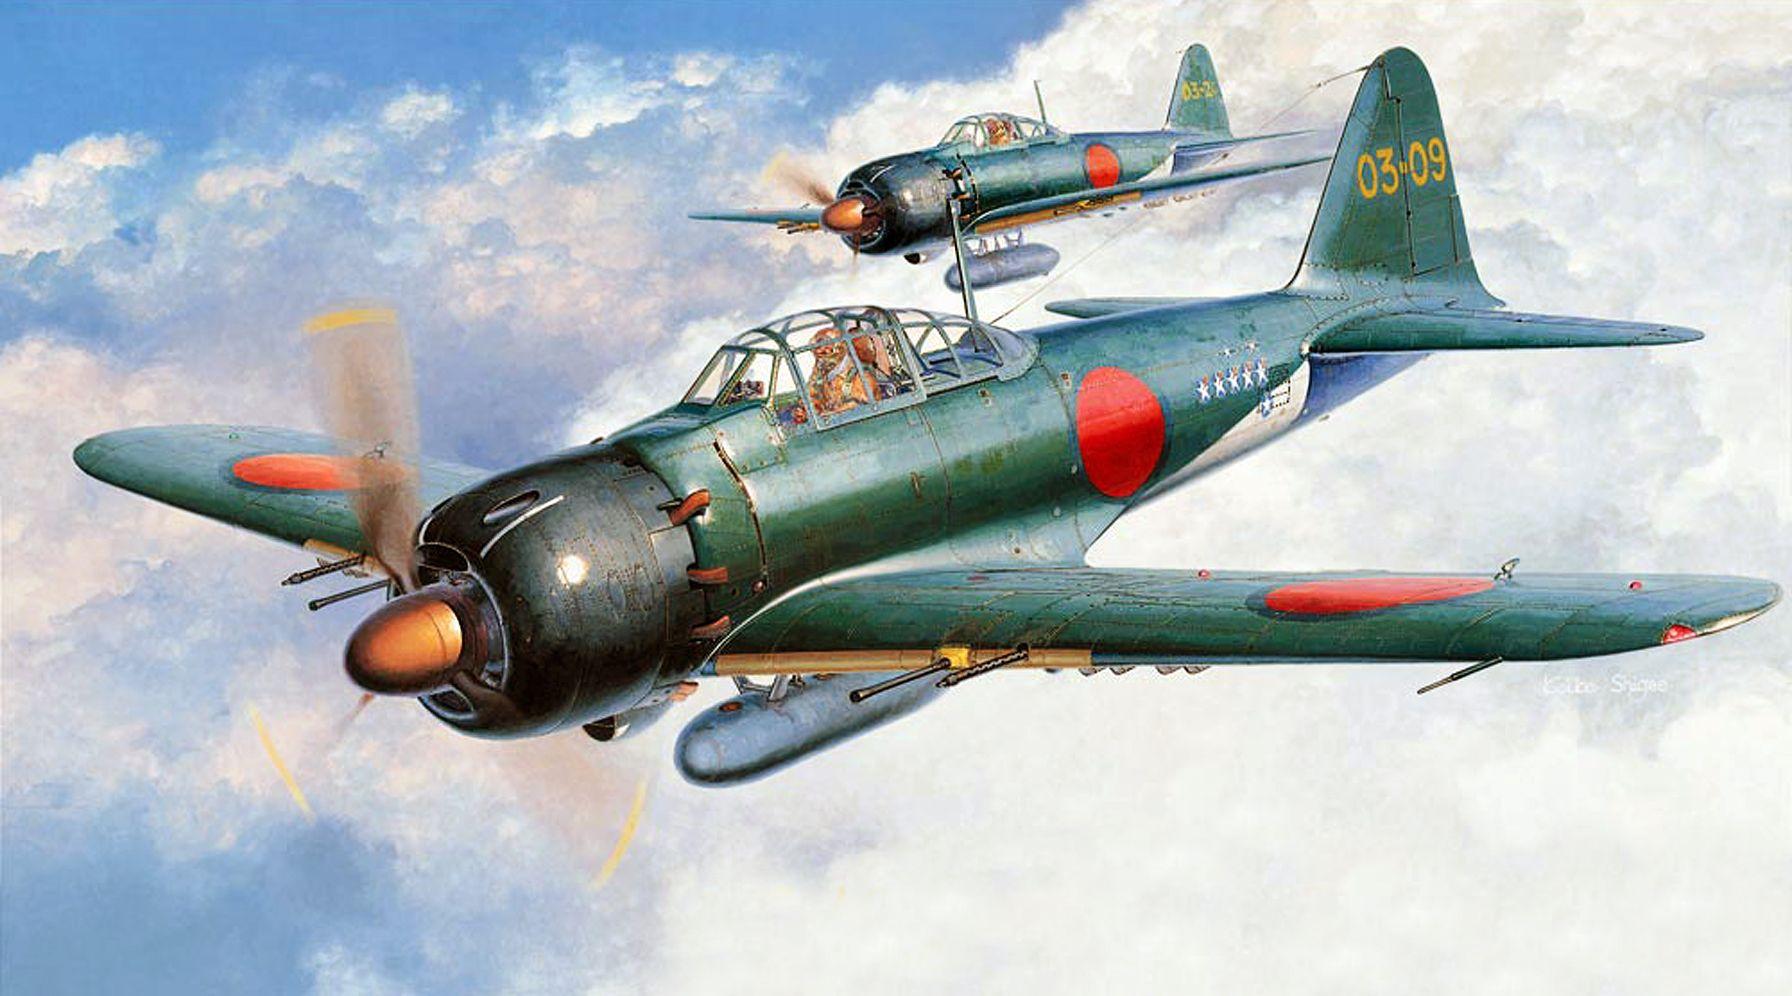 Mitsubishi A6m5 Zero By Shigeo Koike 戦闘機 零式艦上戦闘機 軍用機